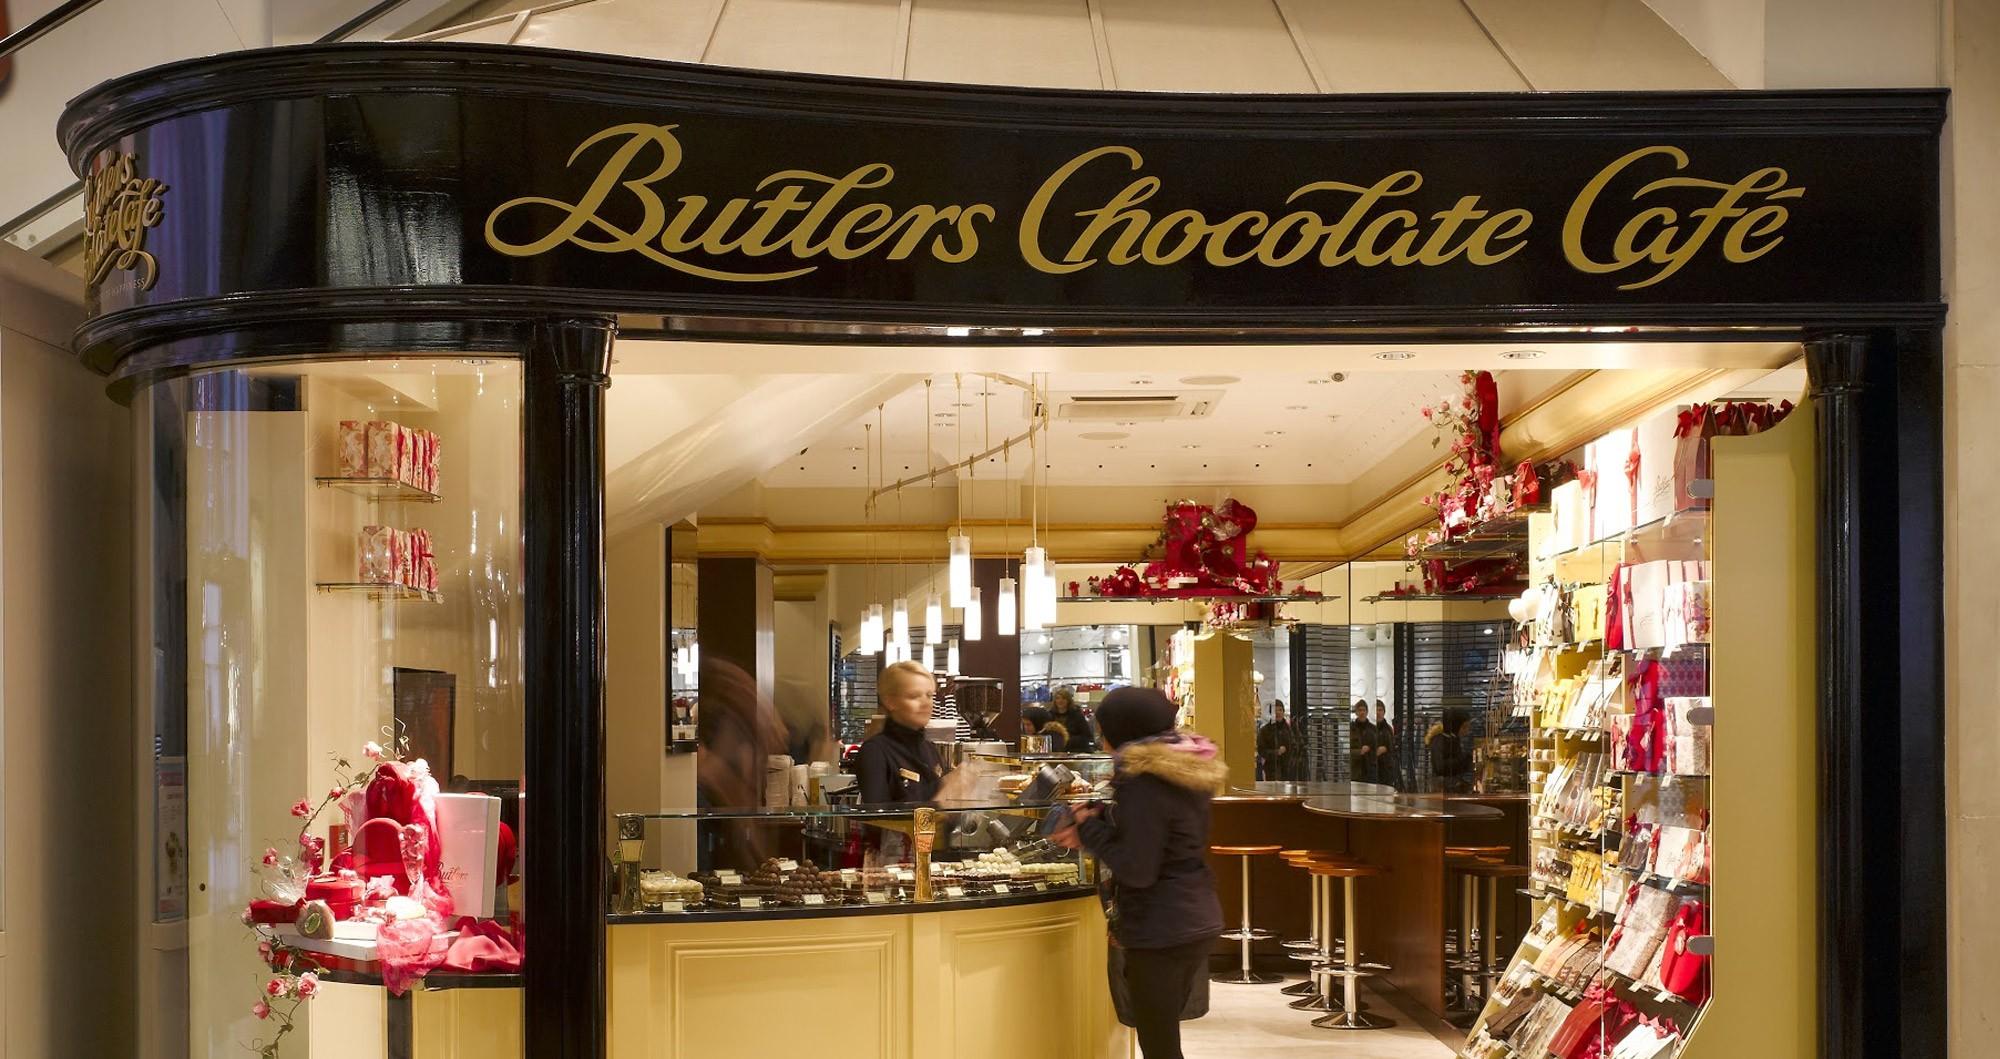 Butlers Chocolate Café, Jervis